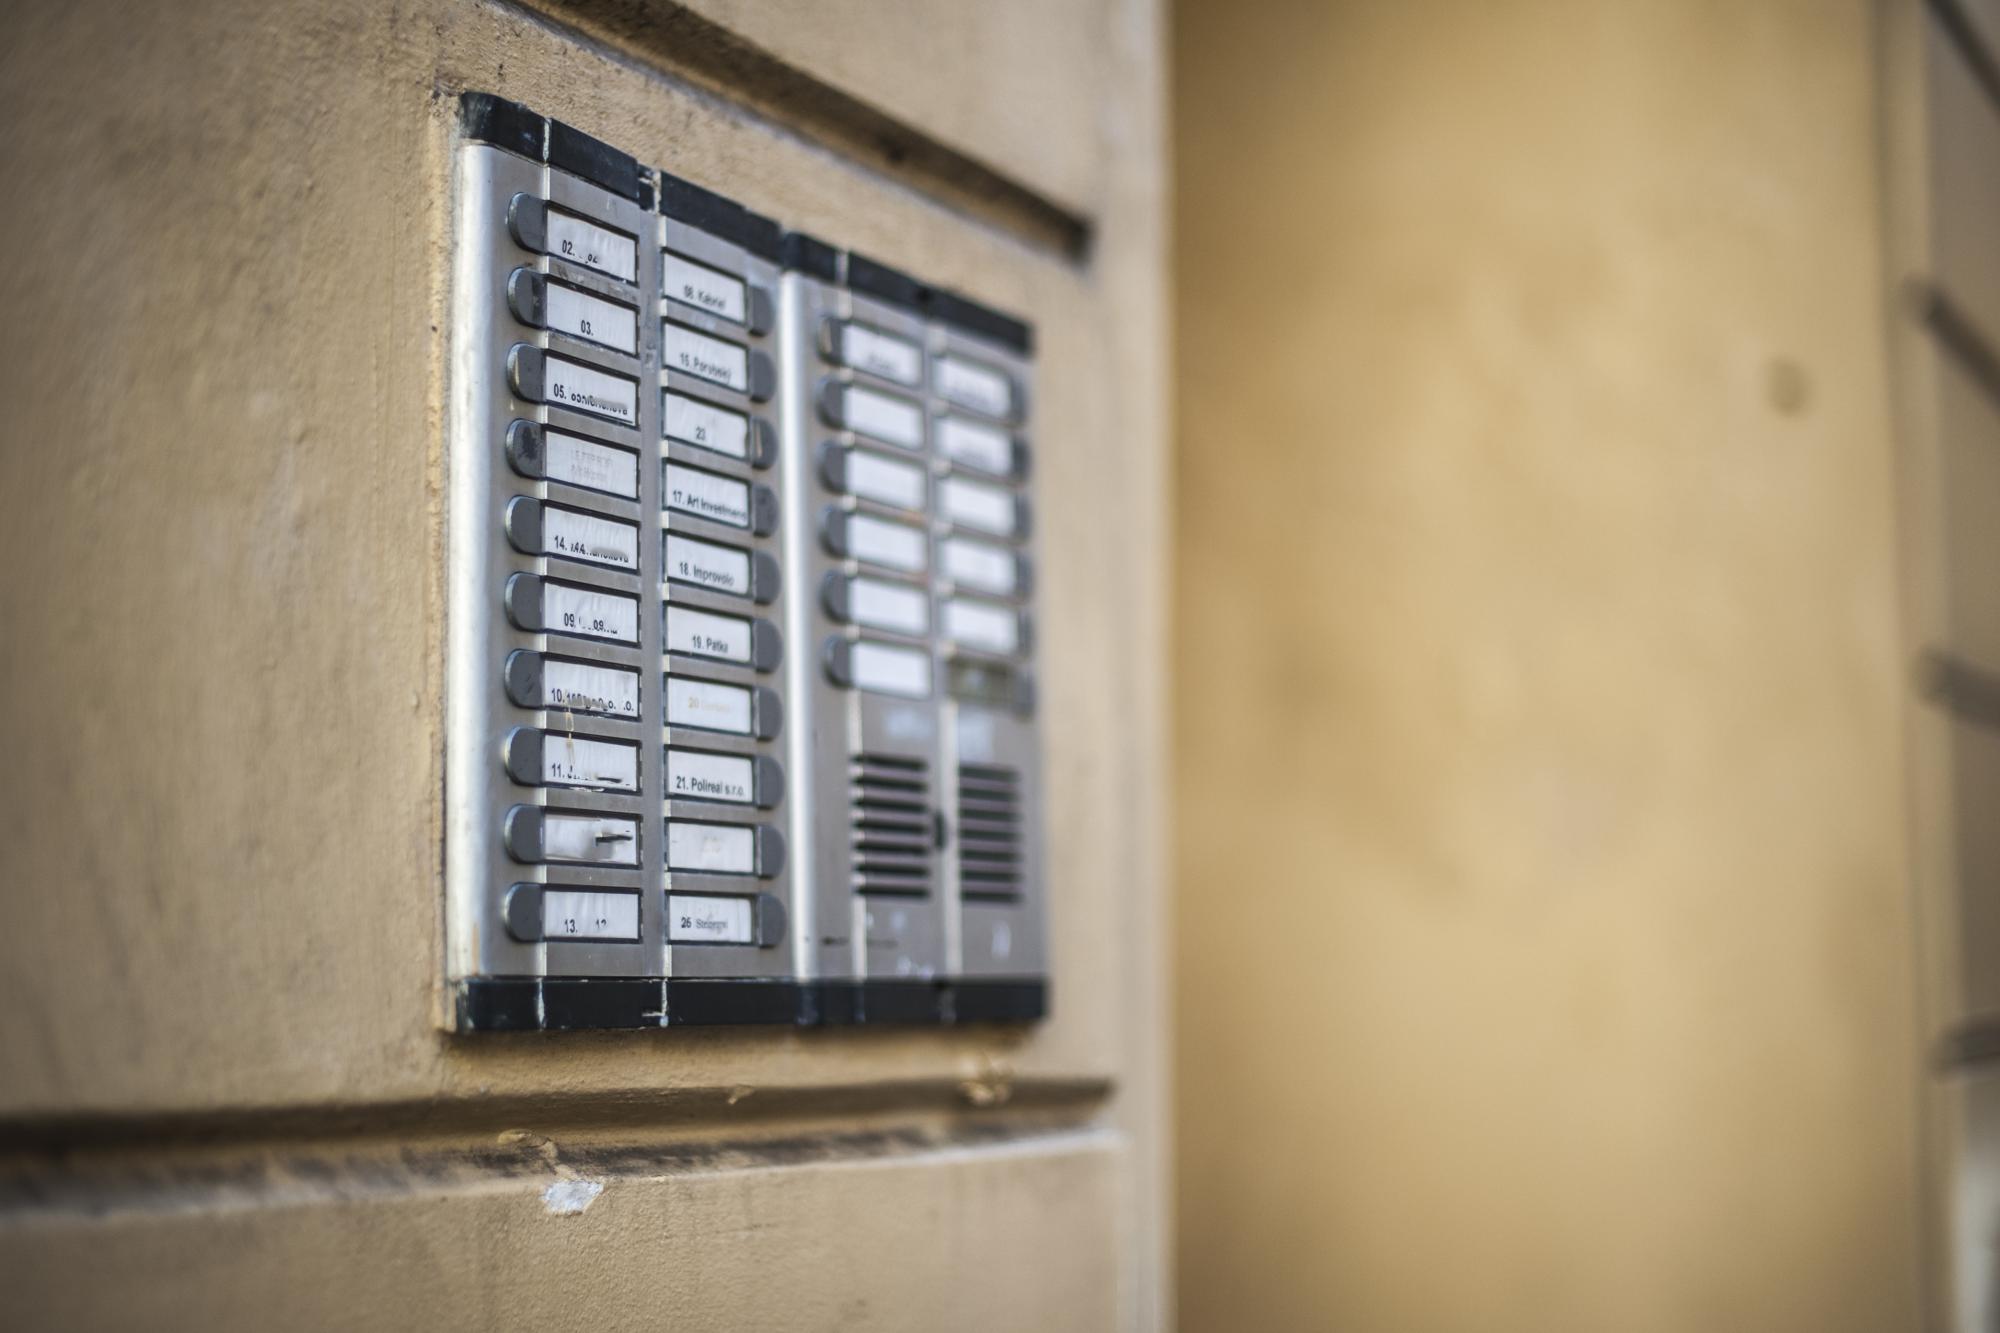 Столичная организация доказала, что вправе зарегистрироваться по домашнему адресу учредителя